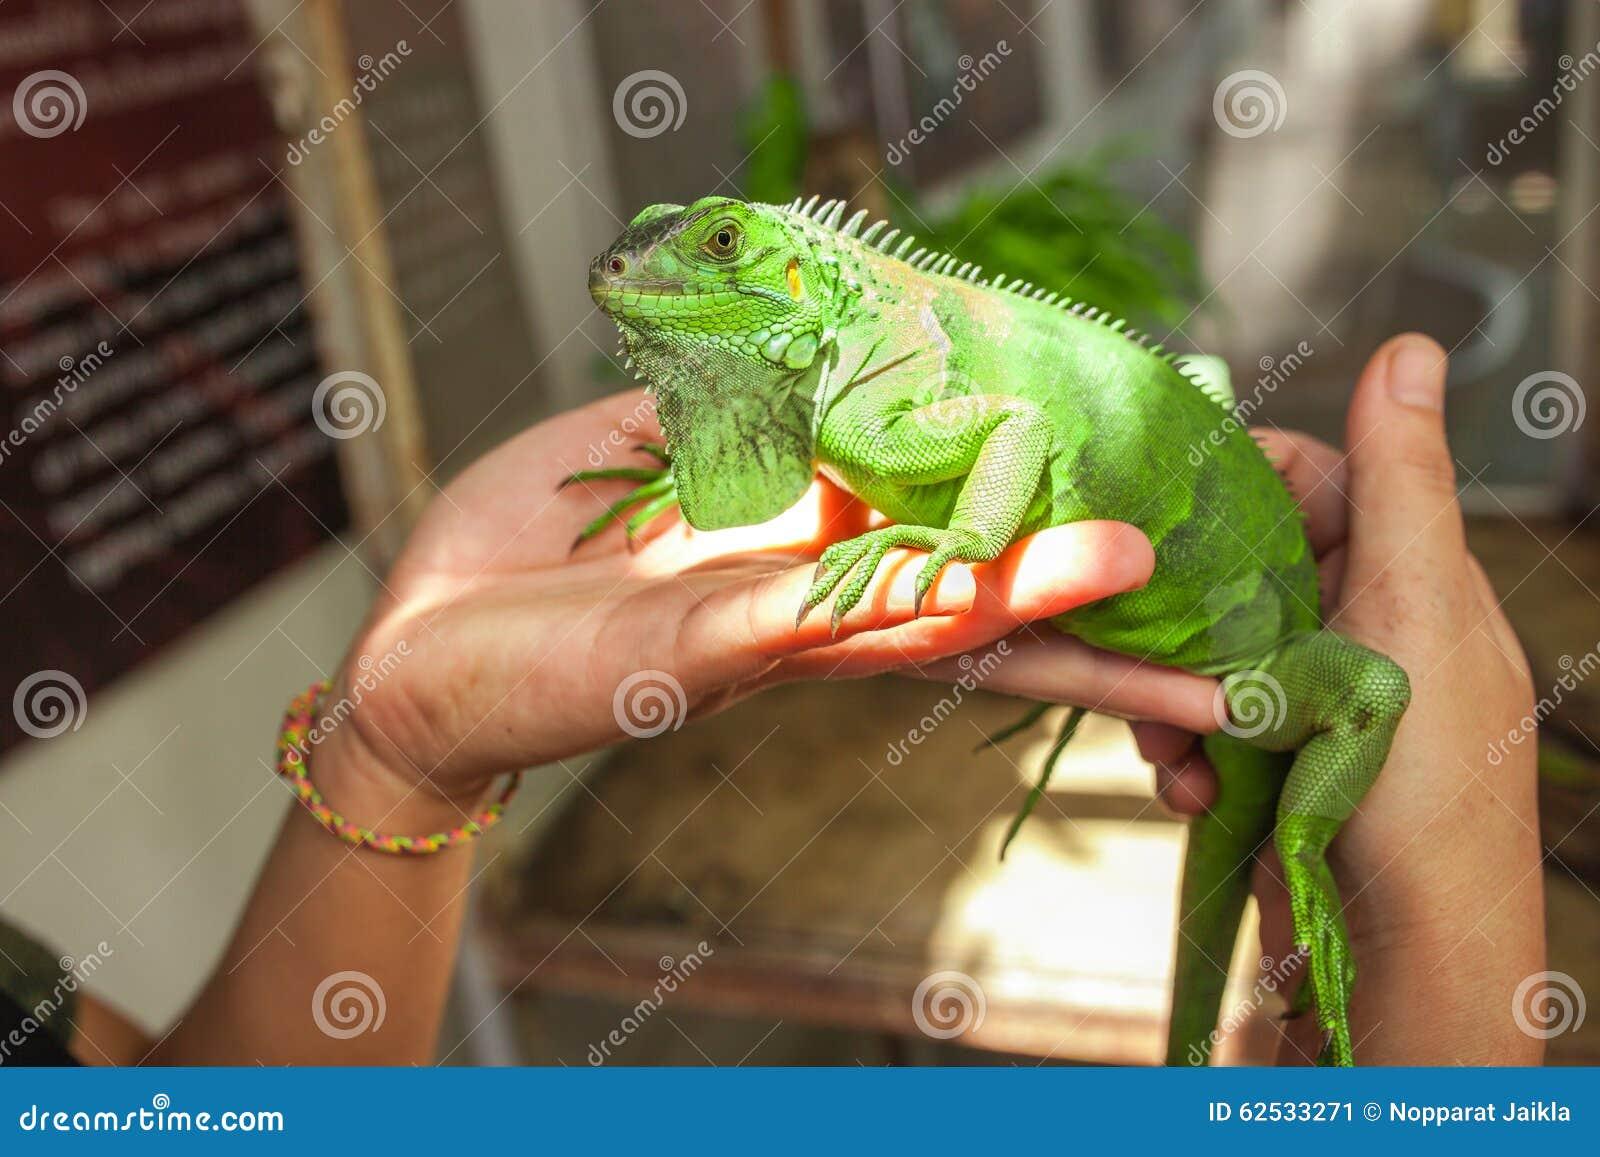 在人的手上的大绿色鬣鳞蜥